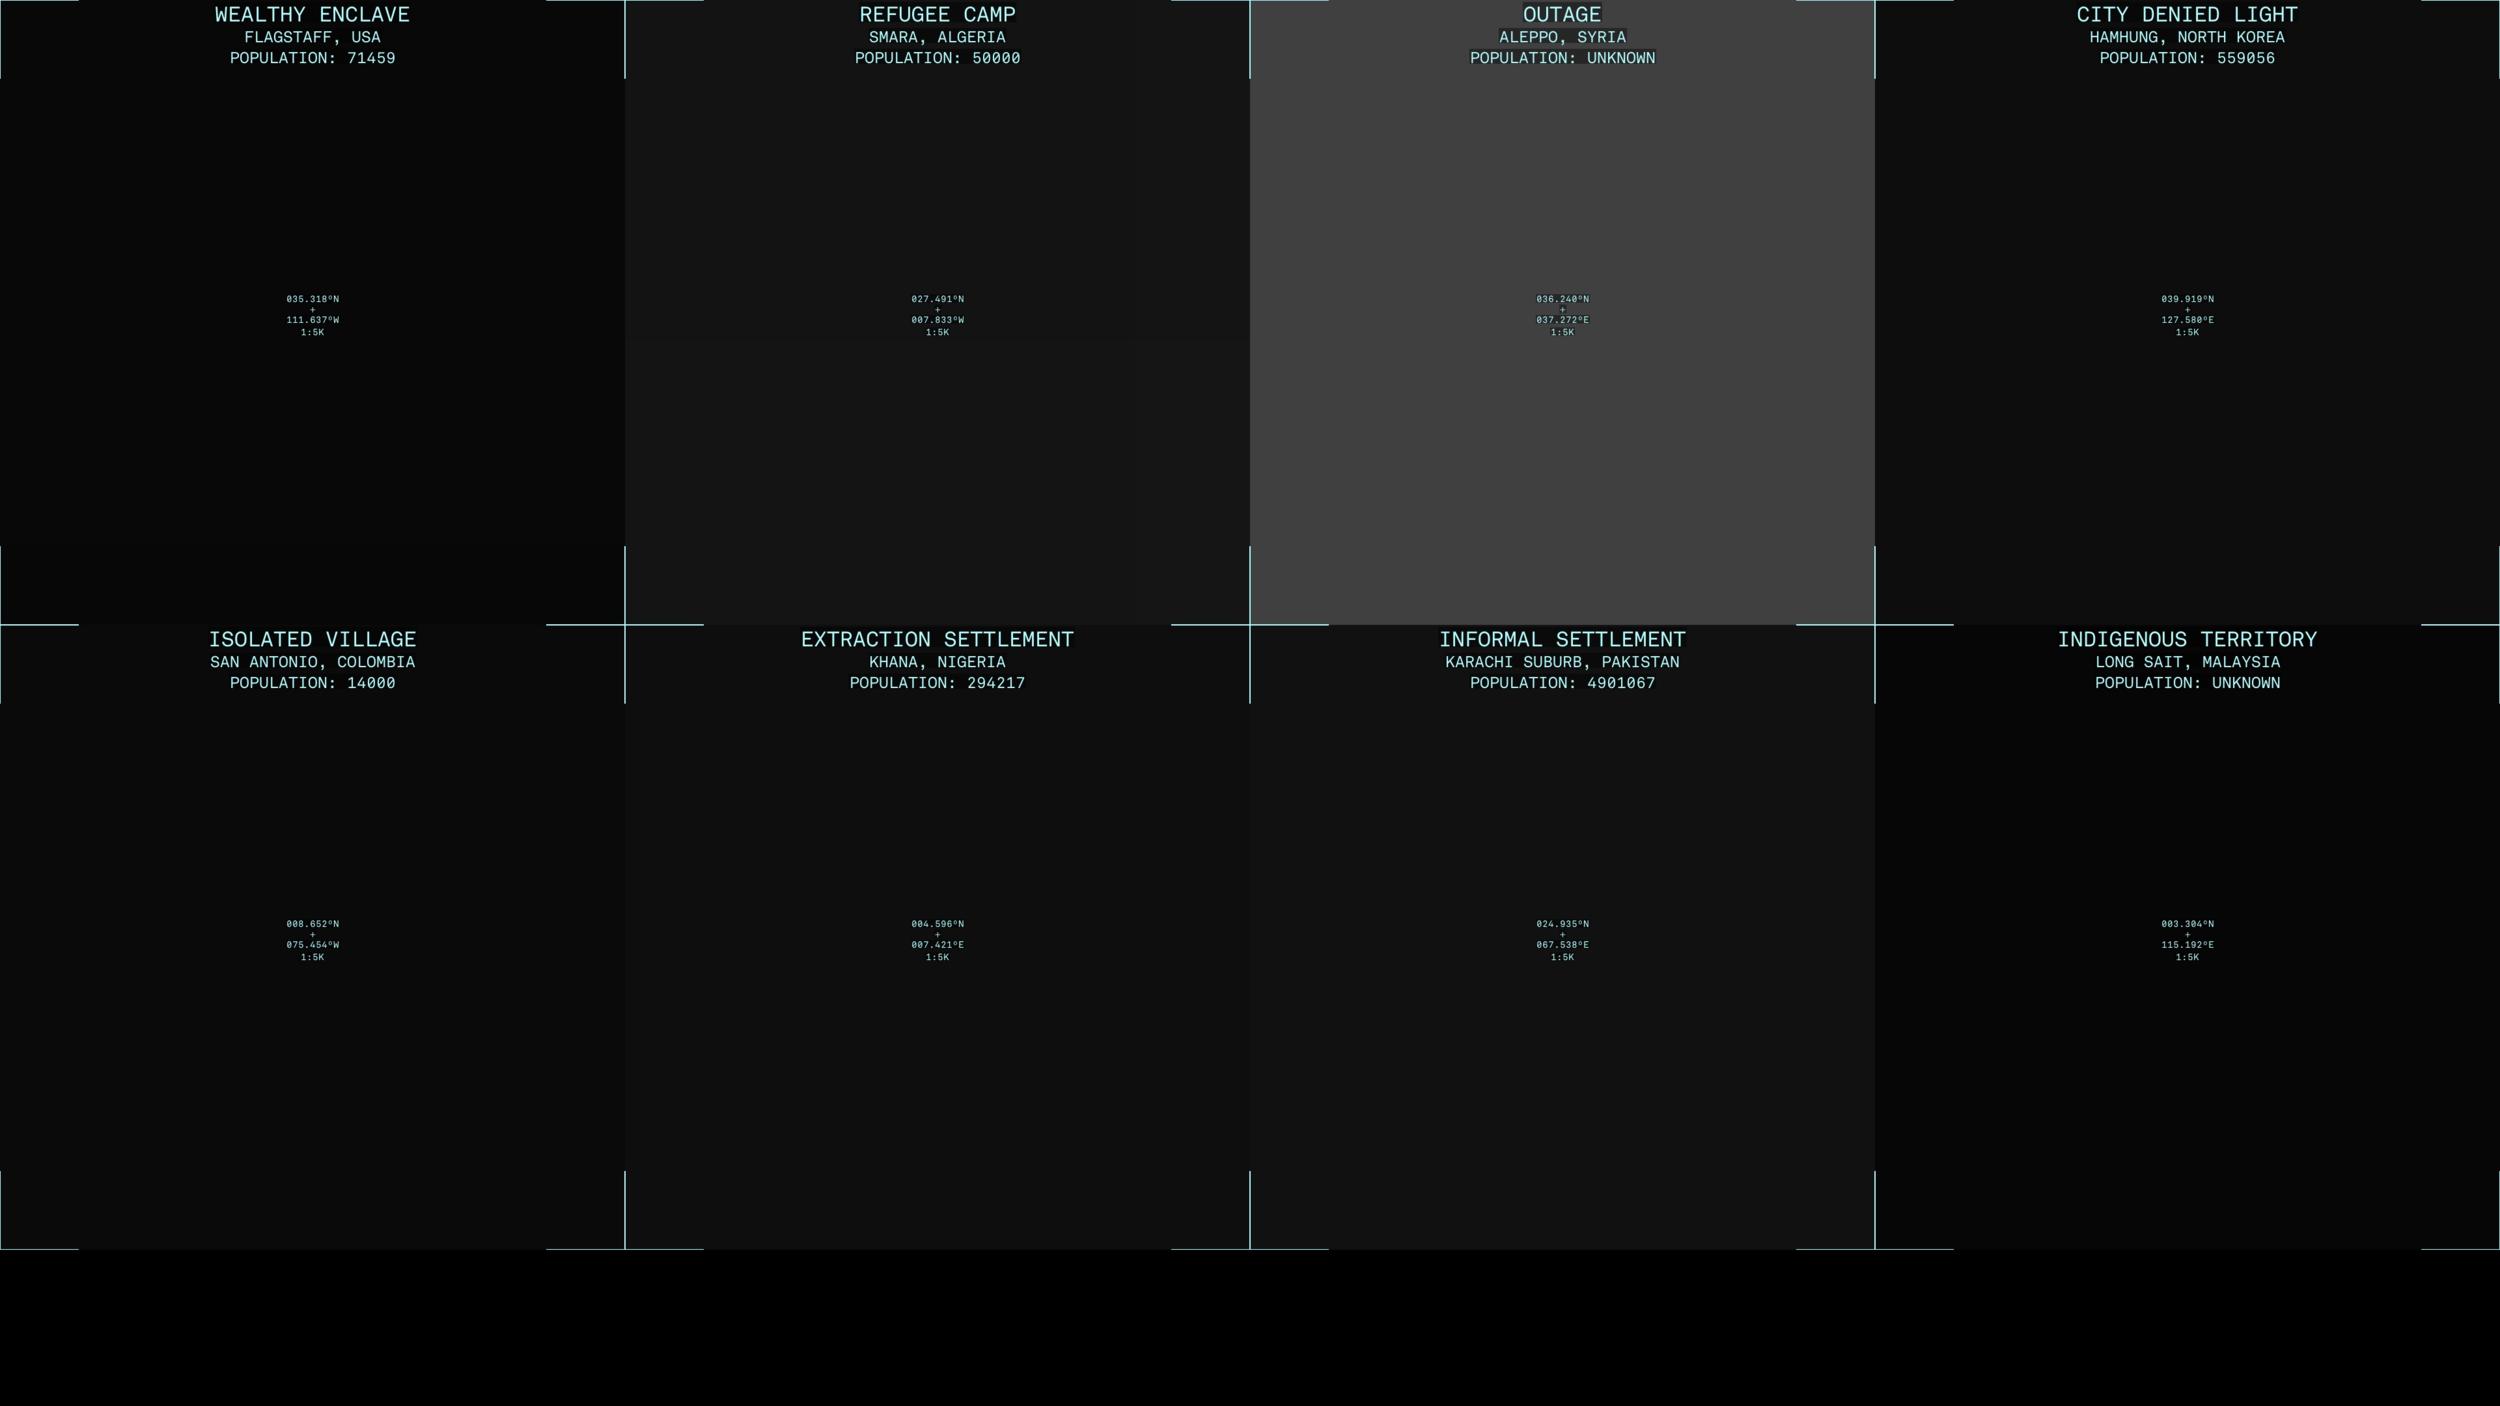 8_Dark_Grid-794.png